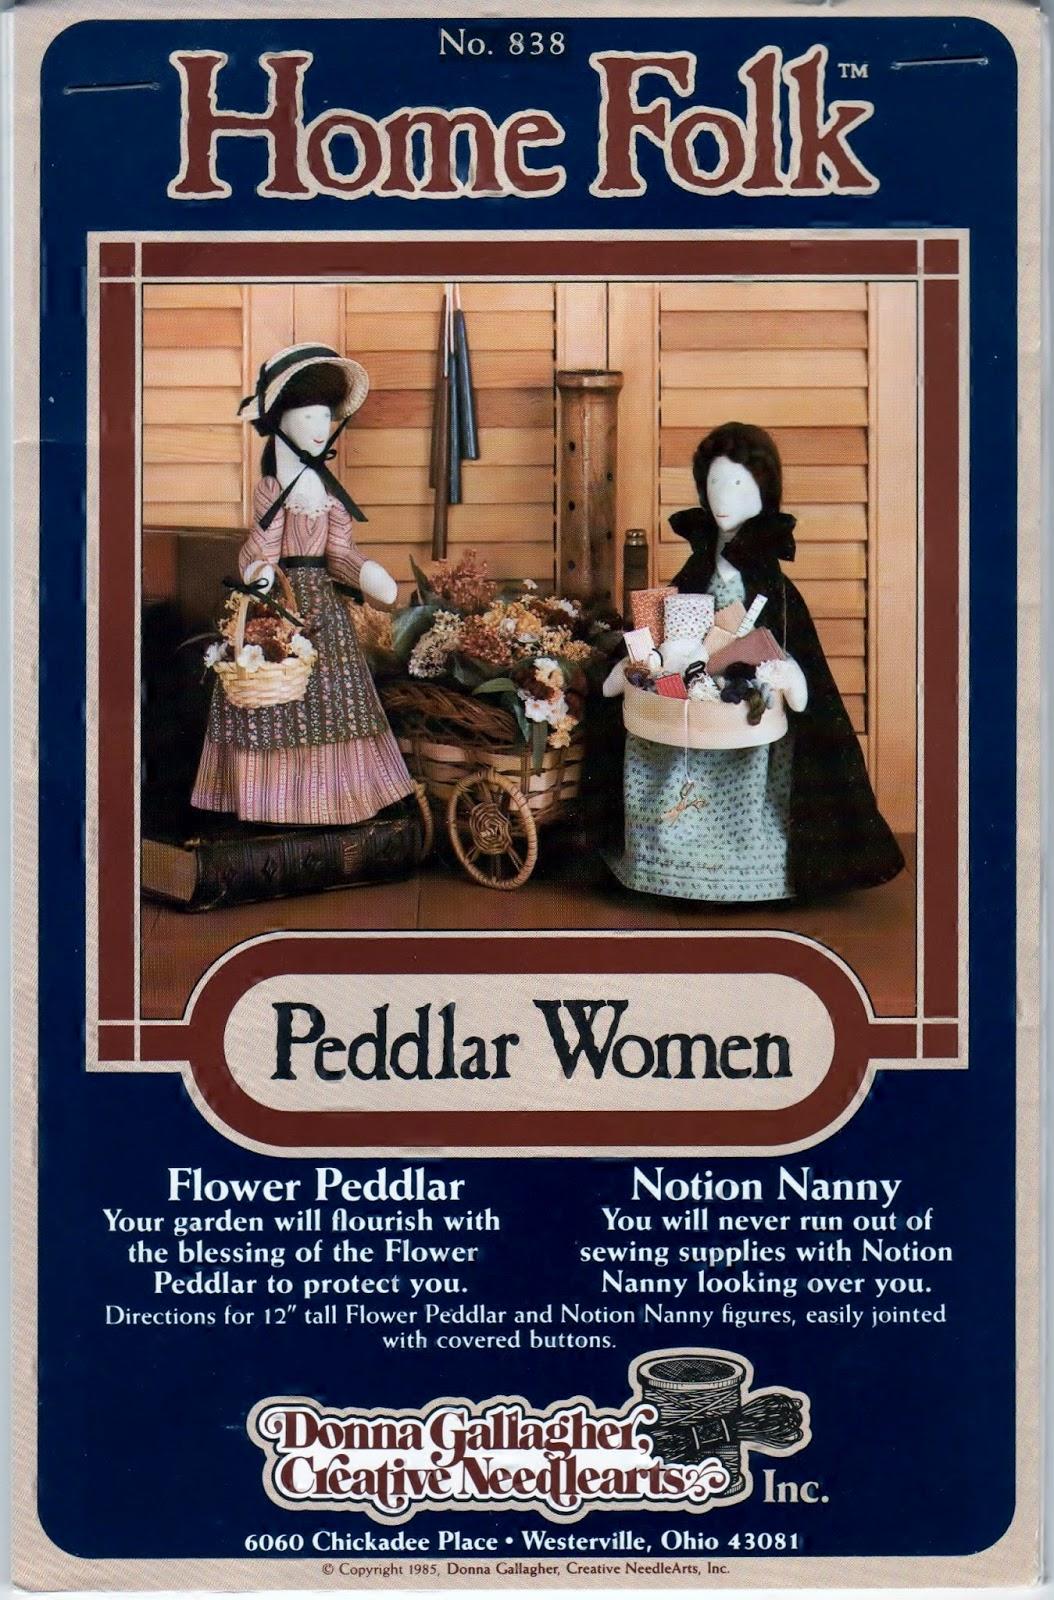 https://www.etsy.com/listing/114375313/peddlar-women-uncut-home-folk